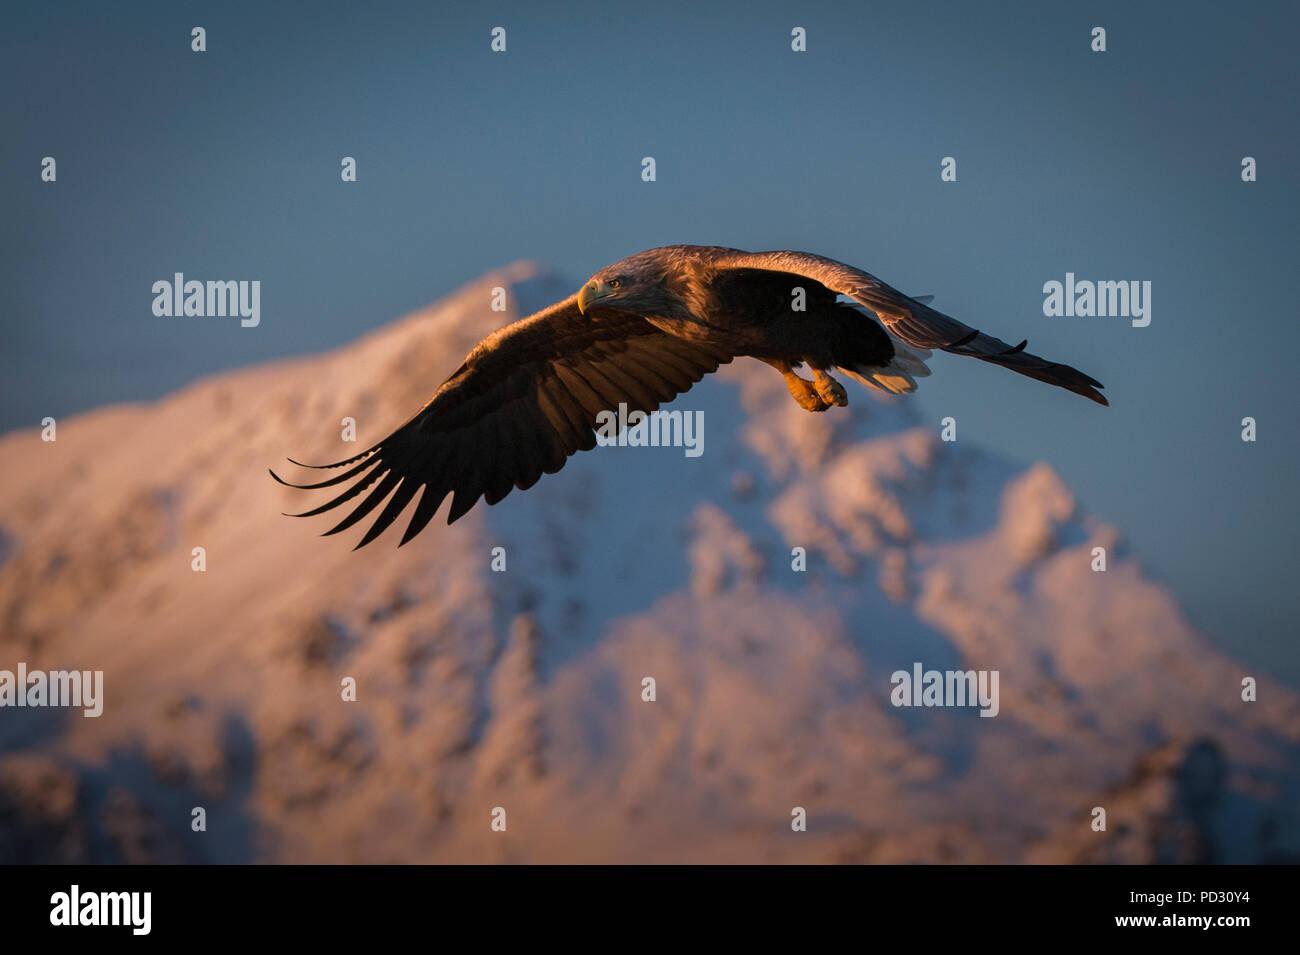 À queue blanche (Haliaeetus albicilla), en vol, la chasse aux poissons, Å i Lofoten, Nordland, Norvège Banque D'Images